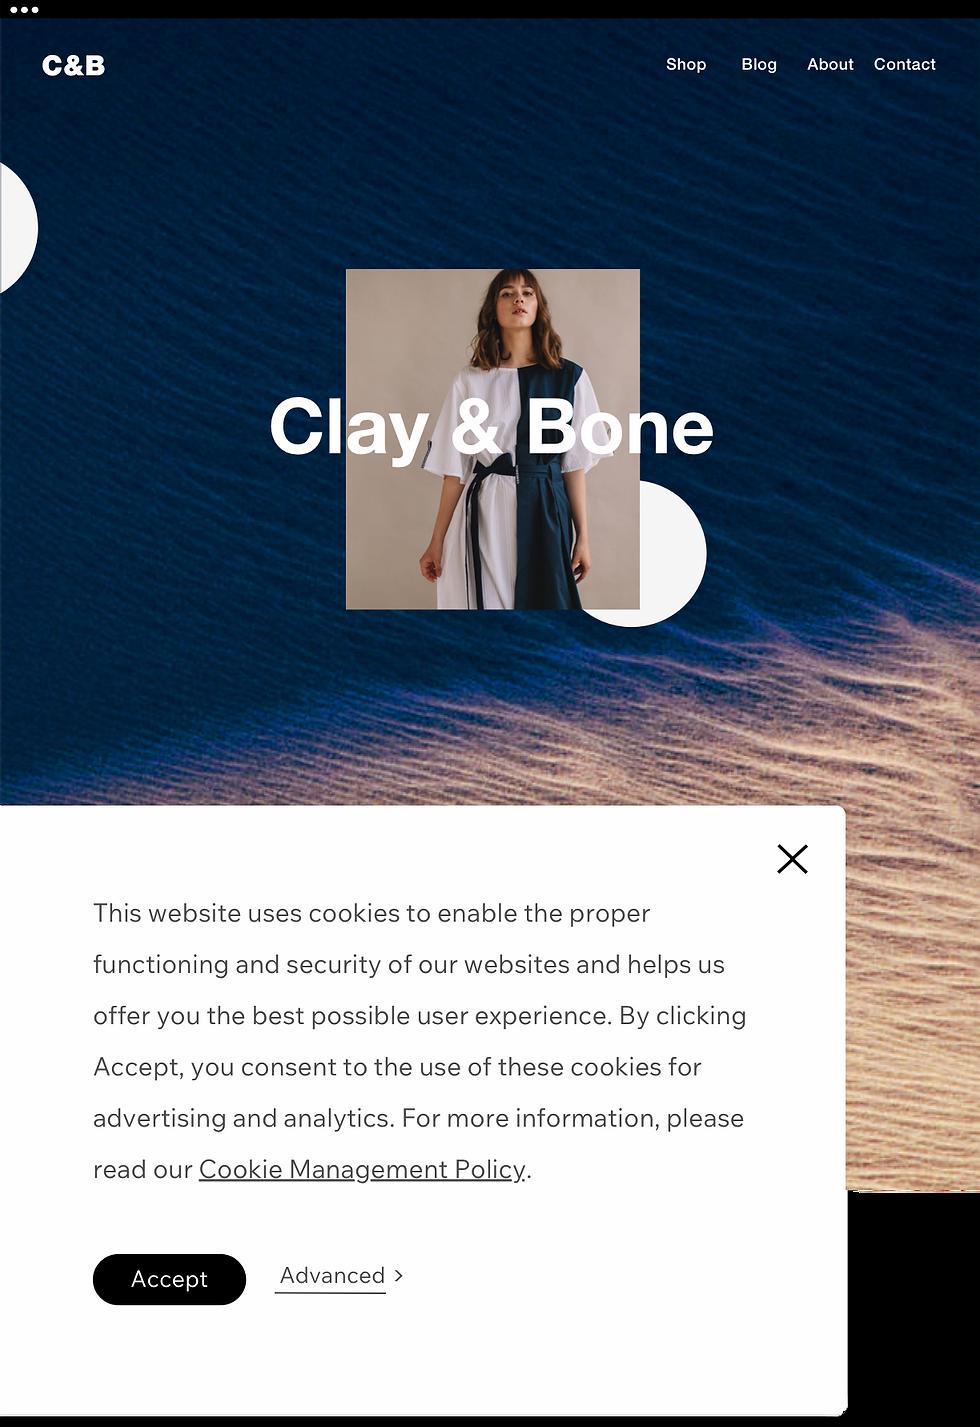 Proyectos de sitios web con insignia de Partners y participación en las ganancias.